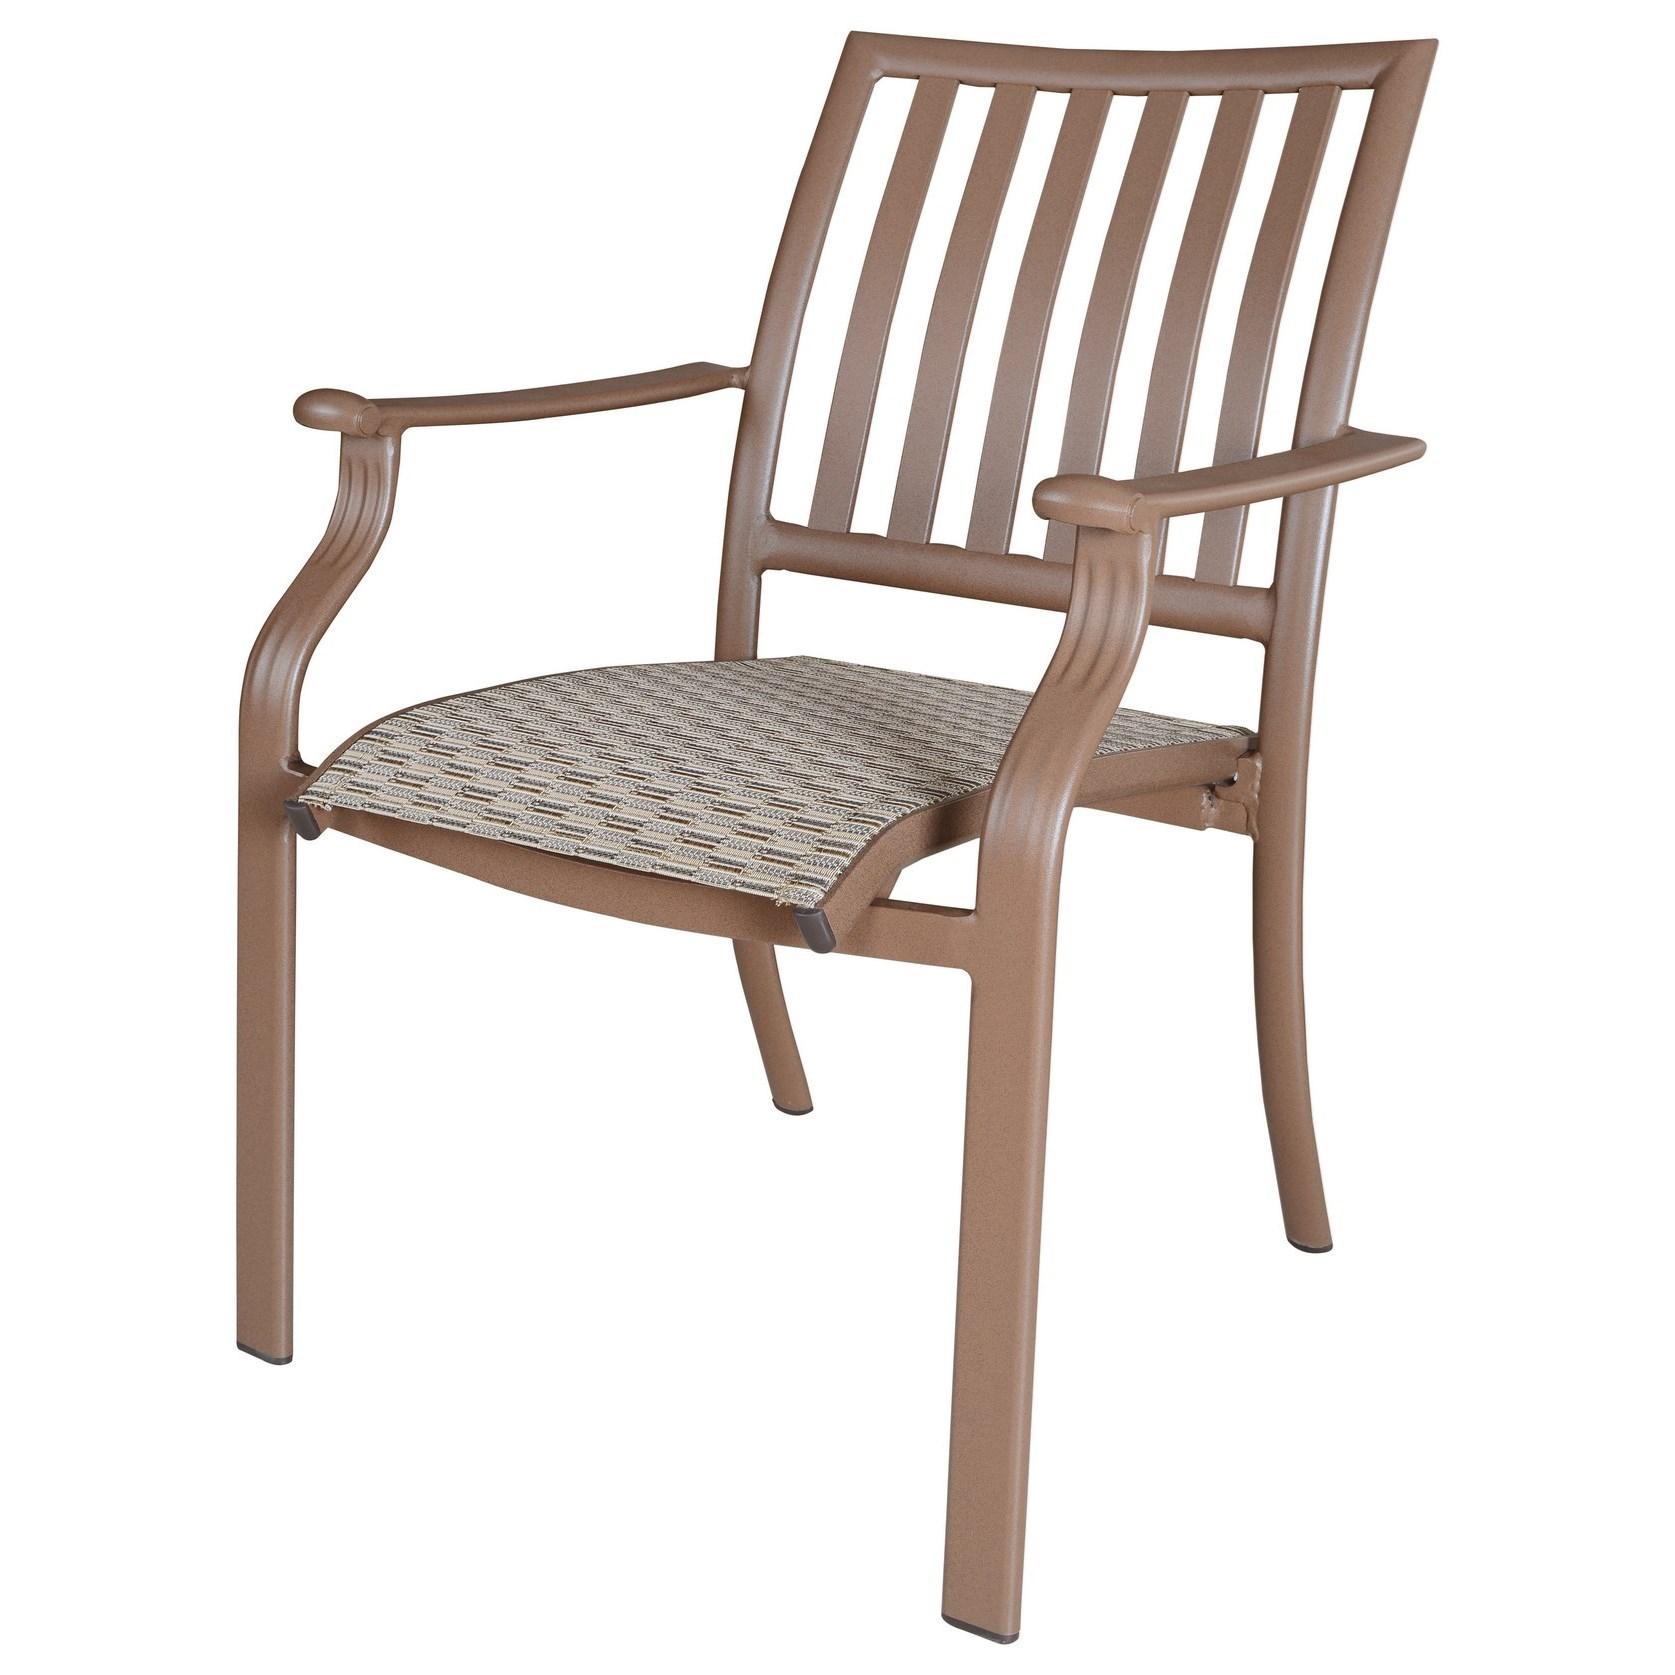 Pelican Reef Panama Jack Island BreezeSling Arm Chair ...